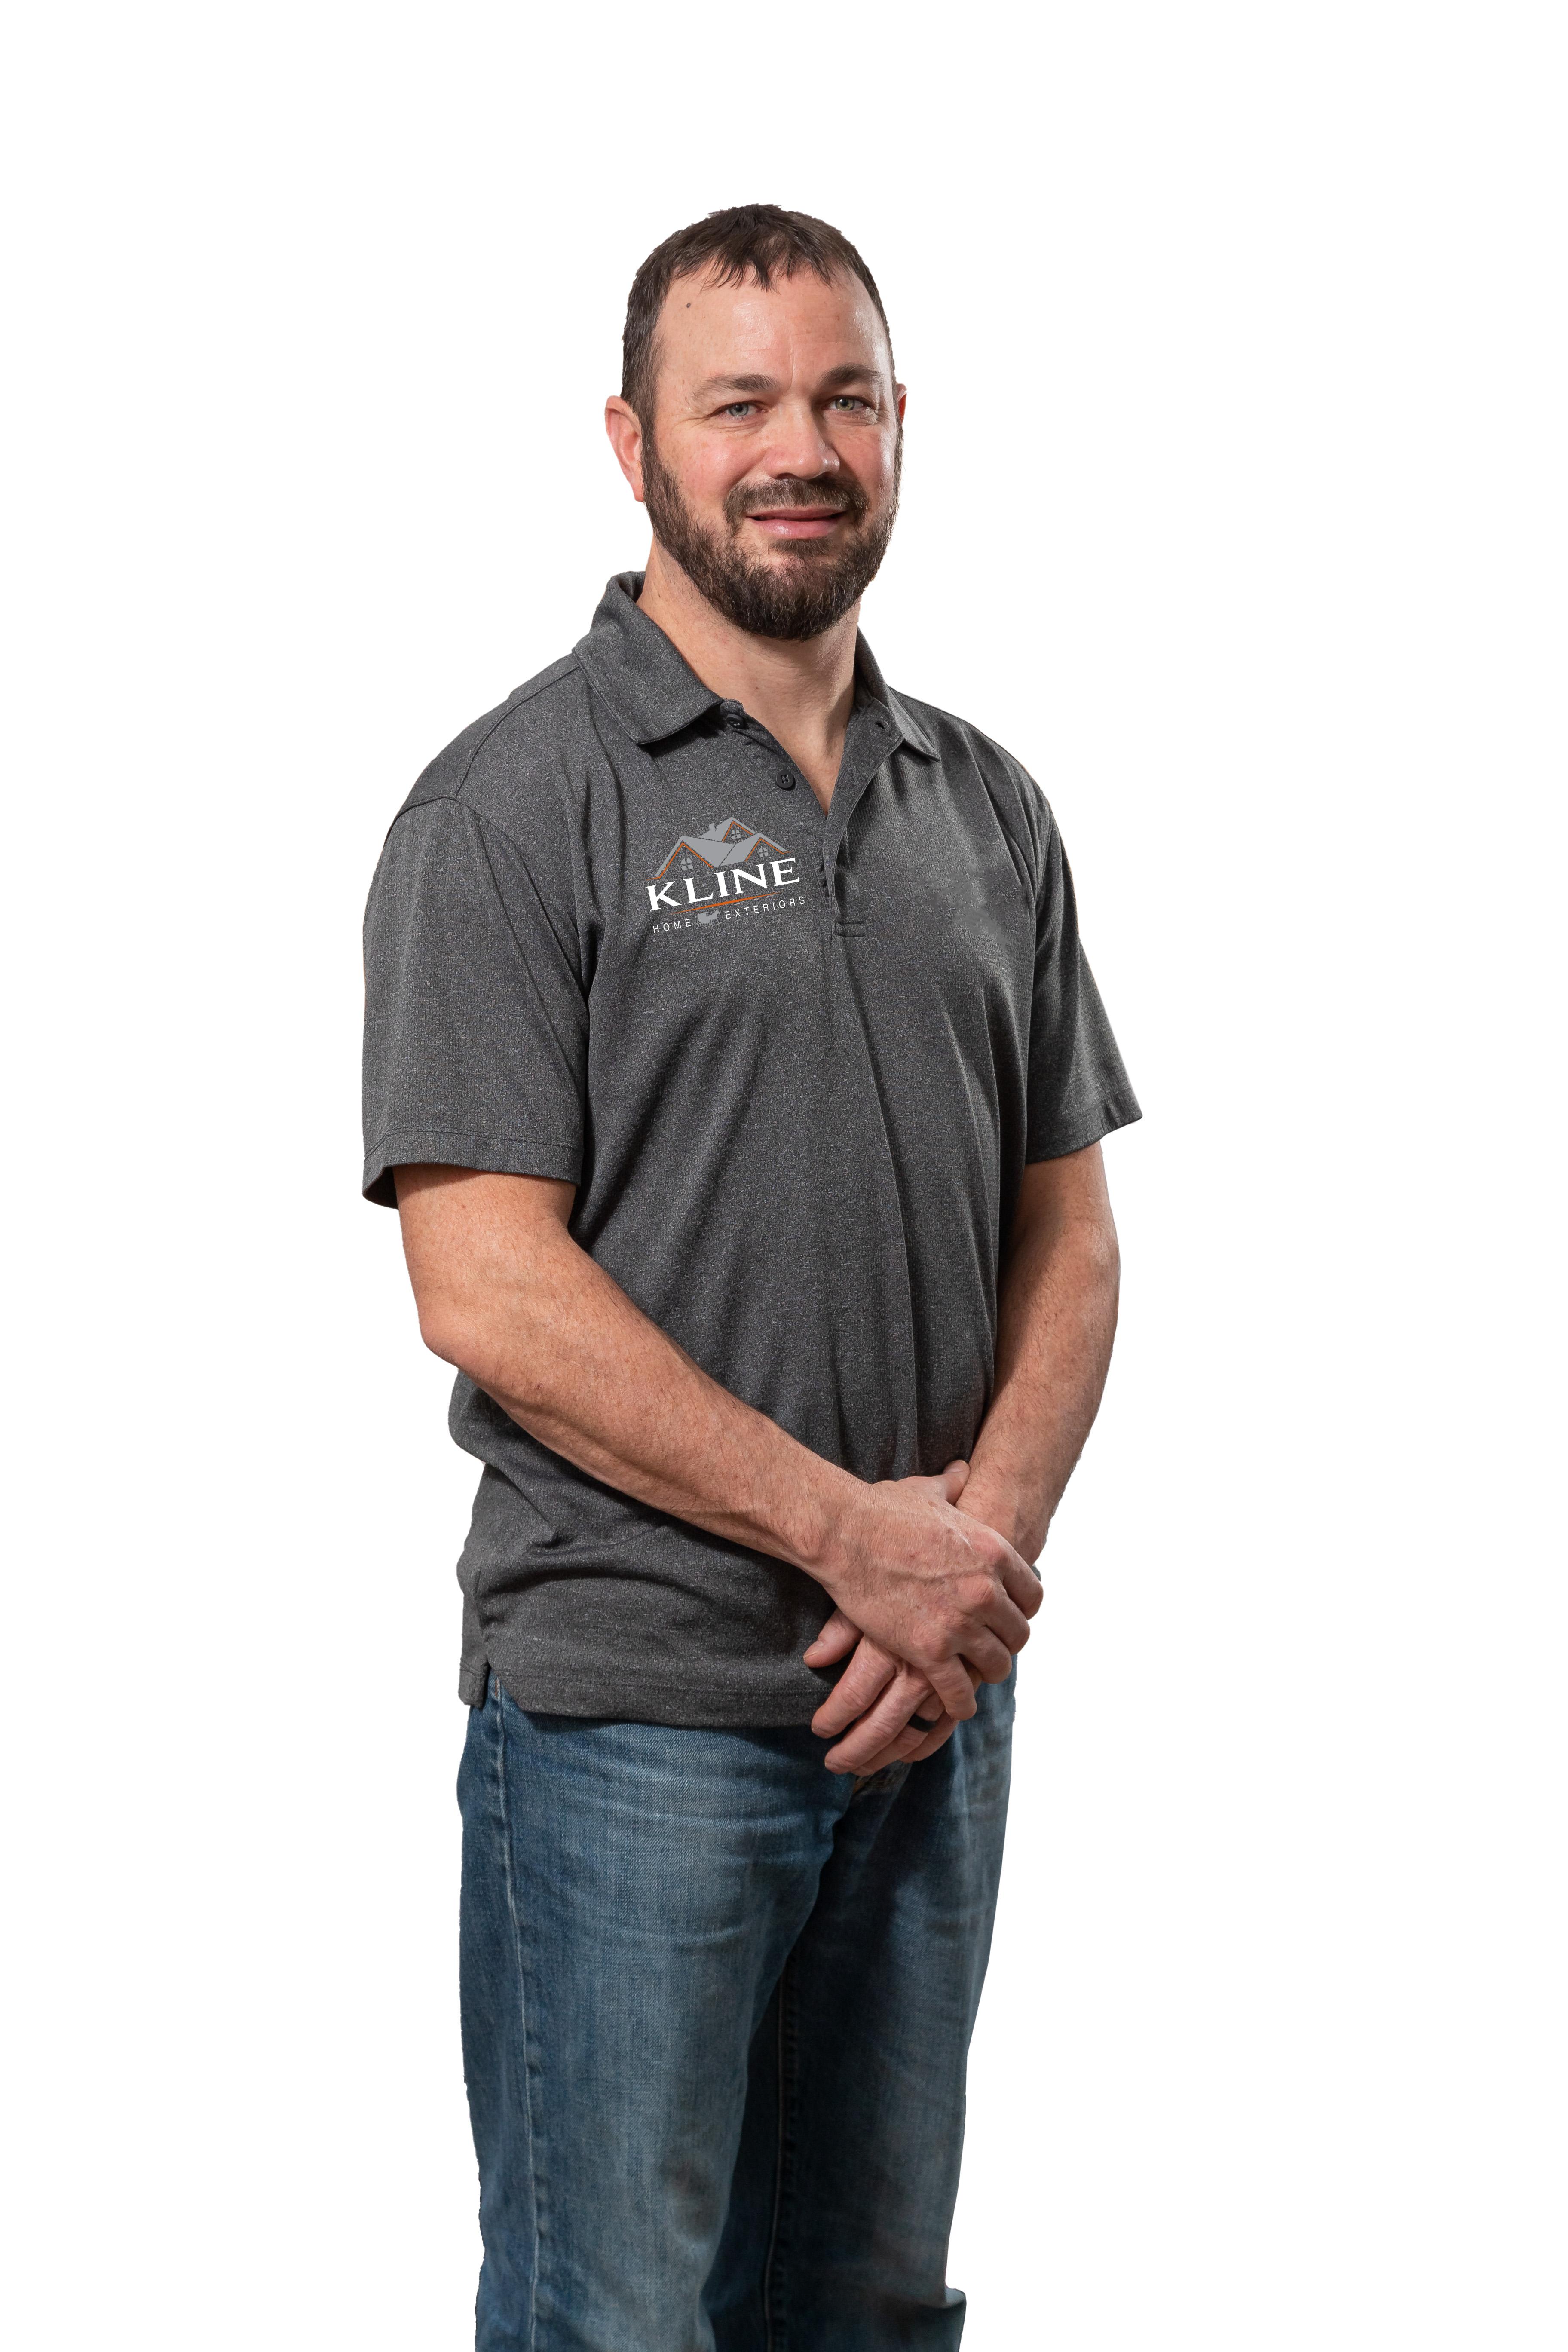 Nate Hostetler